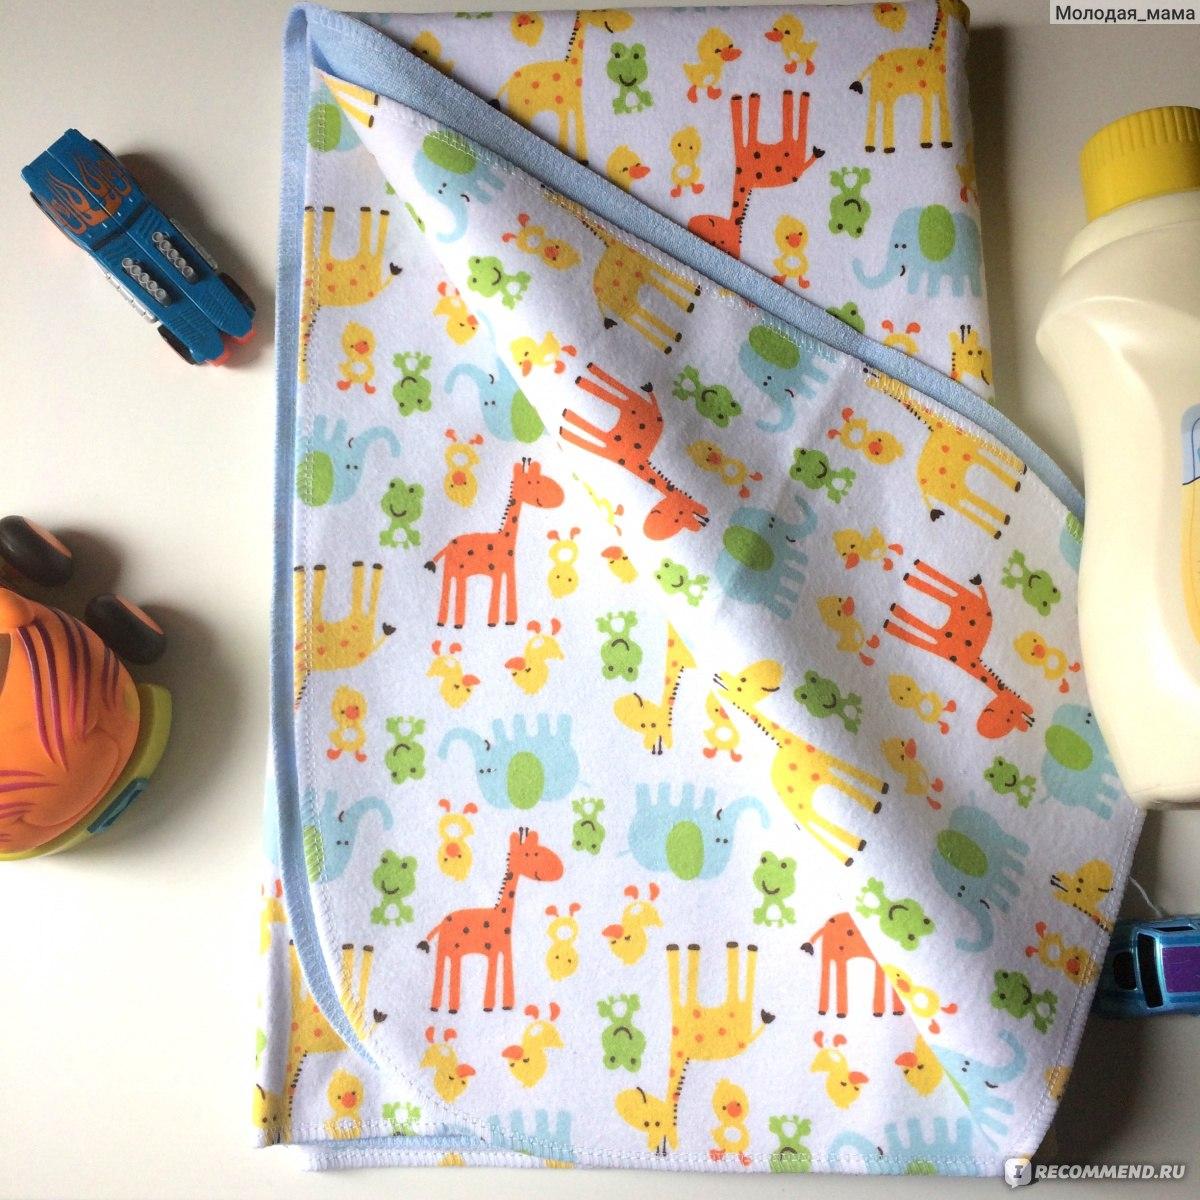 Постельное белье Антипамперс Непромокаемая двусторонняя пеленка - «И ... 5c4b3c4ff49